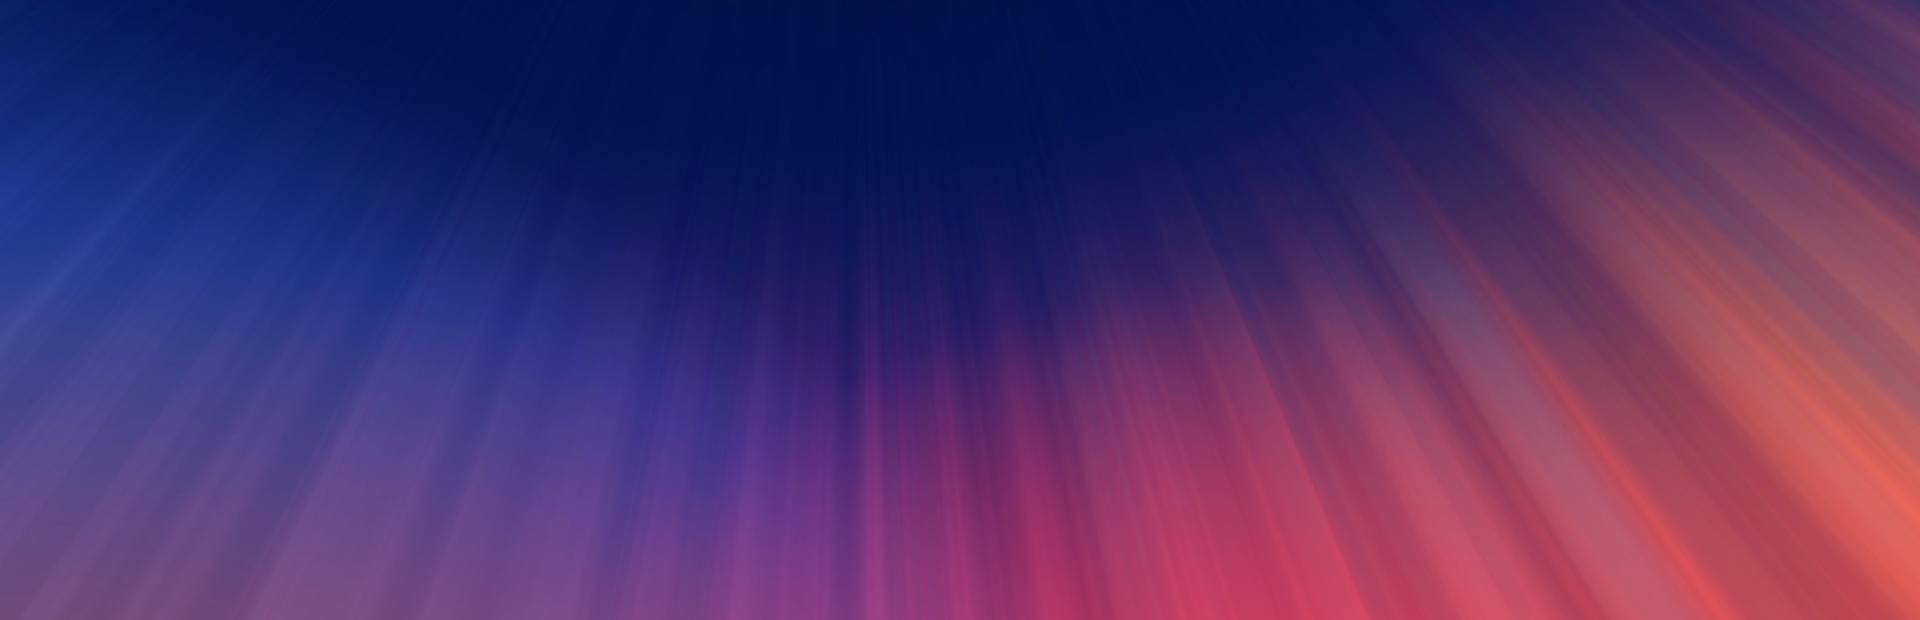 SteamVR :: SteamVR Update - Version 1 6 10